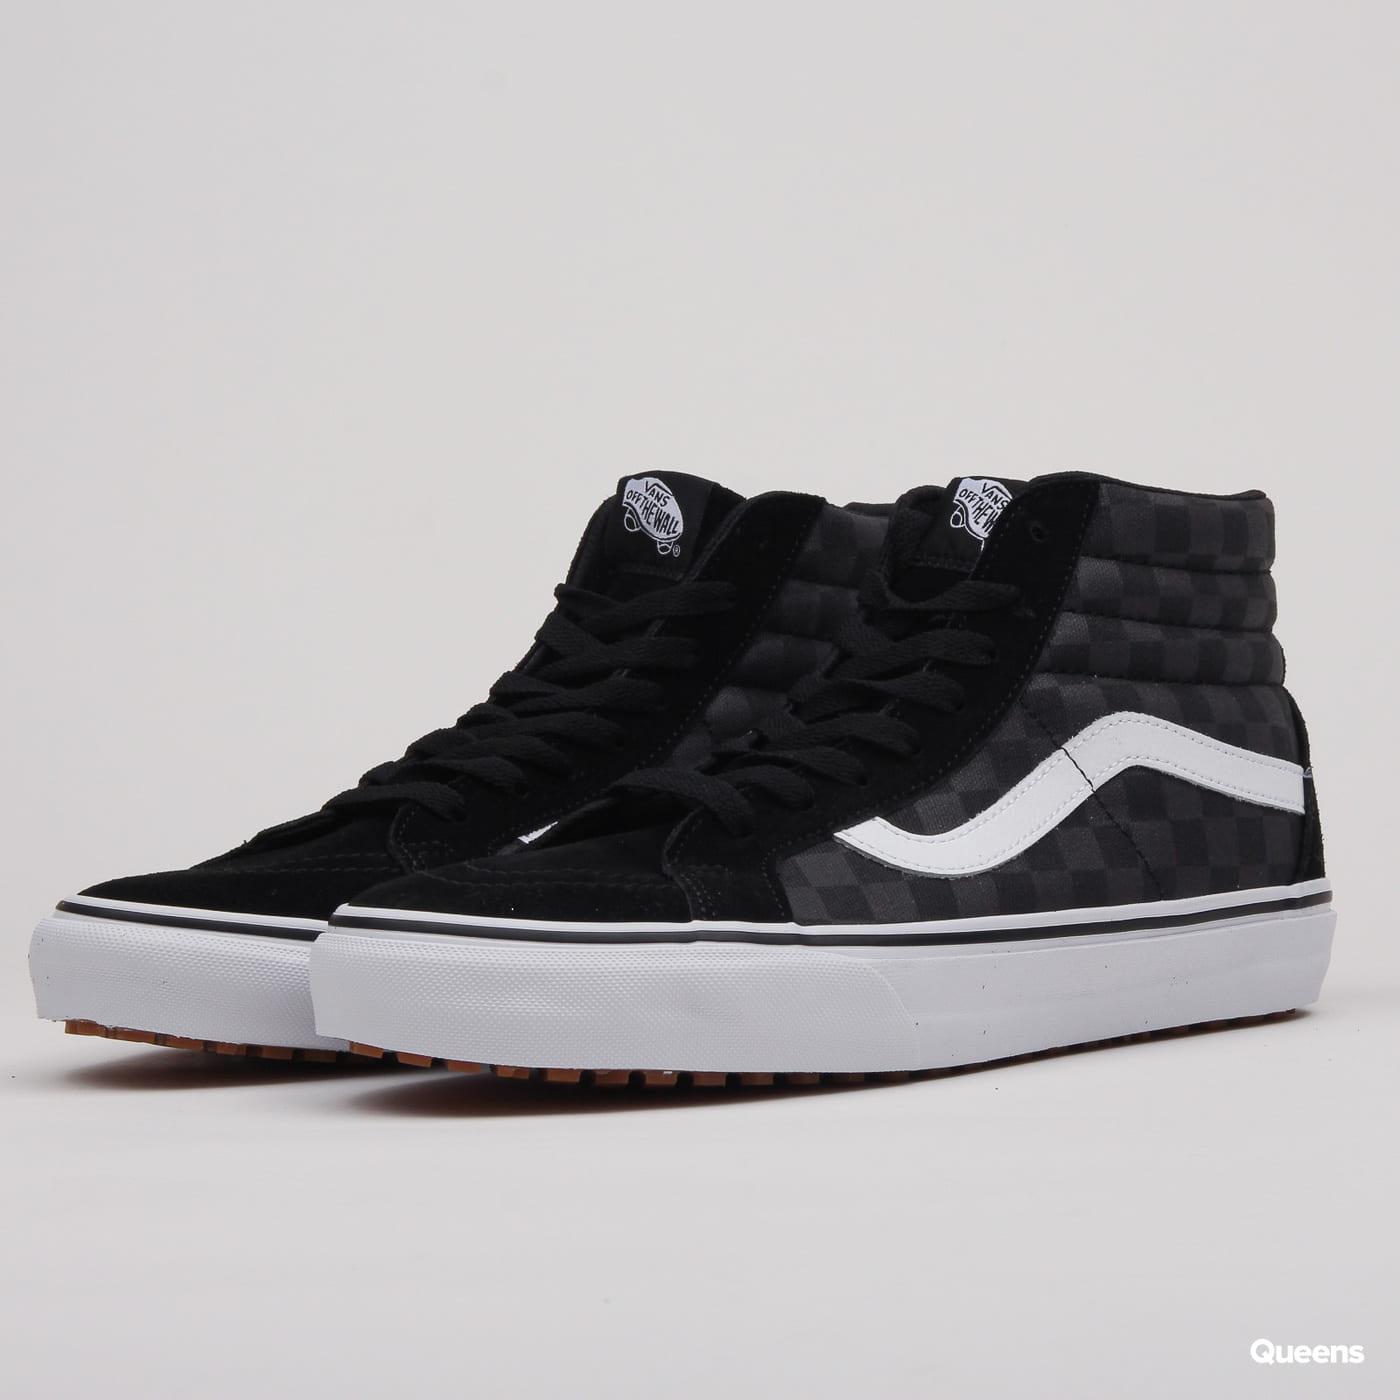 Sneakers Vans SK8 - Hi Reissue UC (made